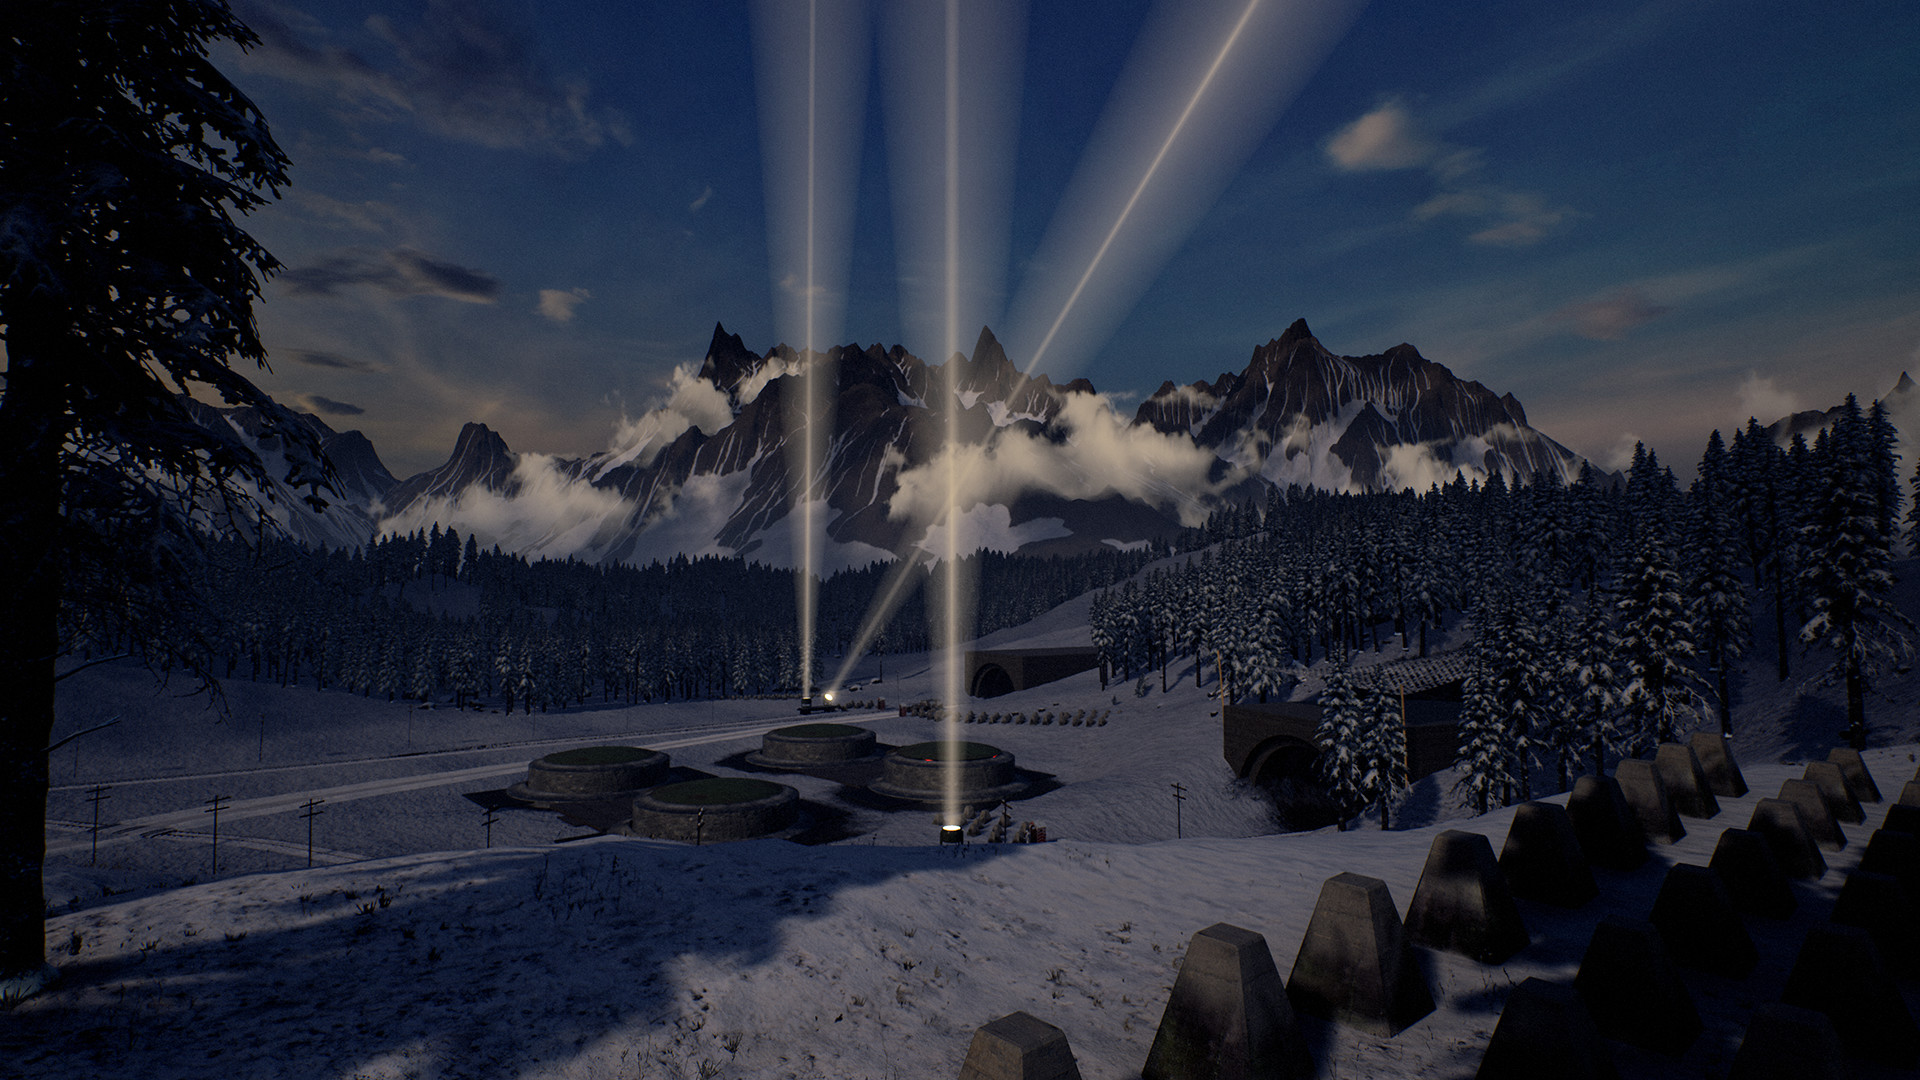 策略游戏《奇迹武器计划》上架Steam 让德军扭转战局